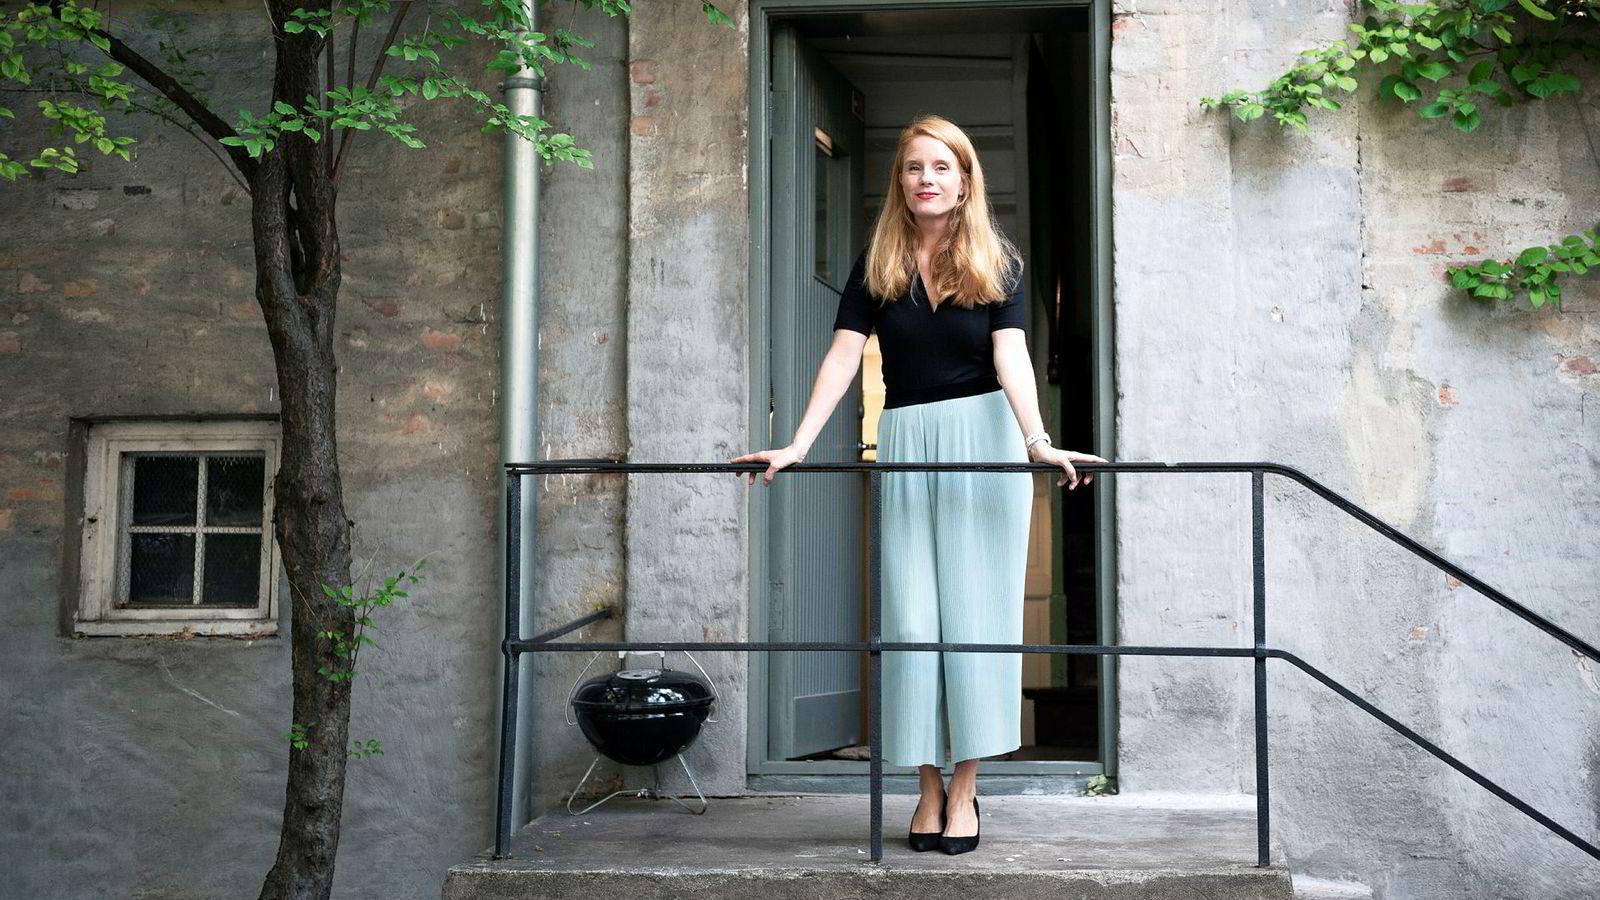 Susanne Kaluza har forlatt jobben i Trigger til fordel for She, et initiativ for bedre likestilling i næringslivet. Her fotografert hjemme hos seg selv ved Majorstuen.